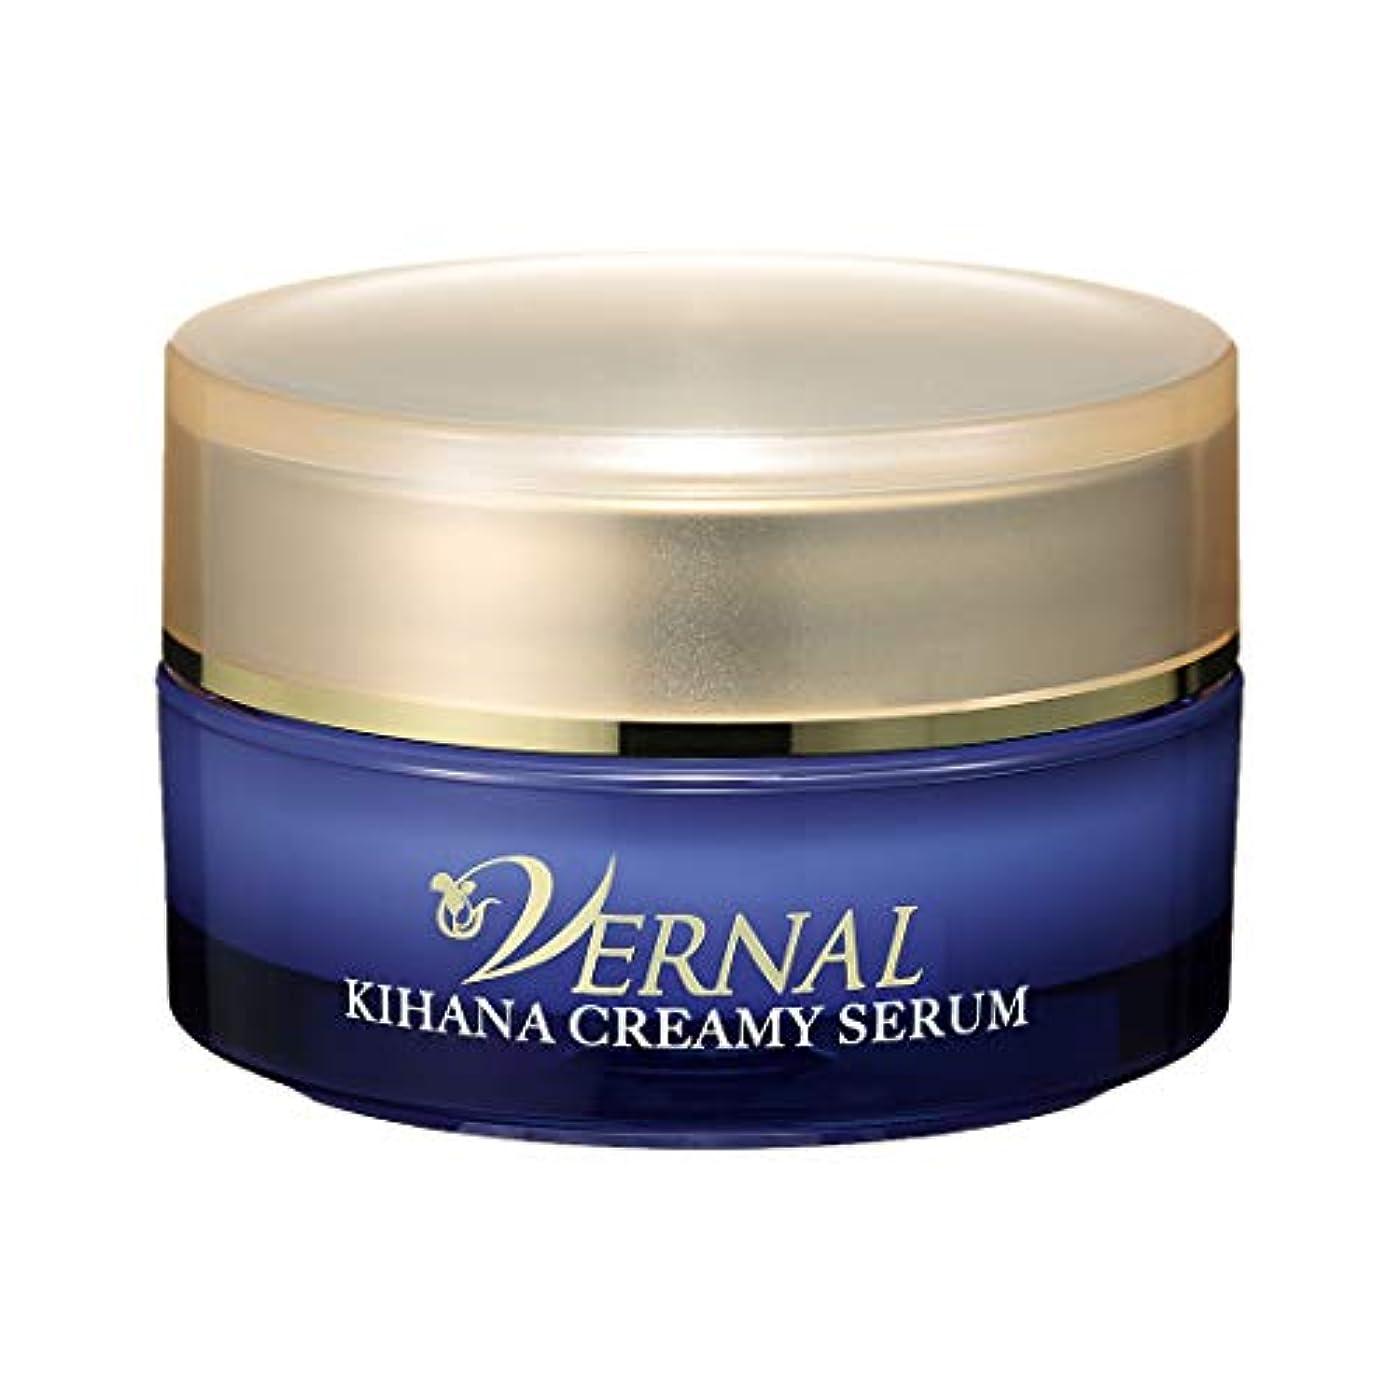 破壊的バストしてはいけませんキハナクリーミーセラム 30g/ヴァーナル 美容液 美容クリーム